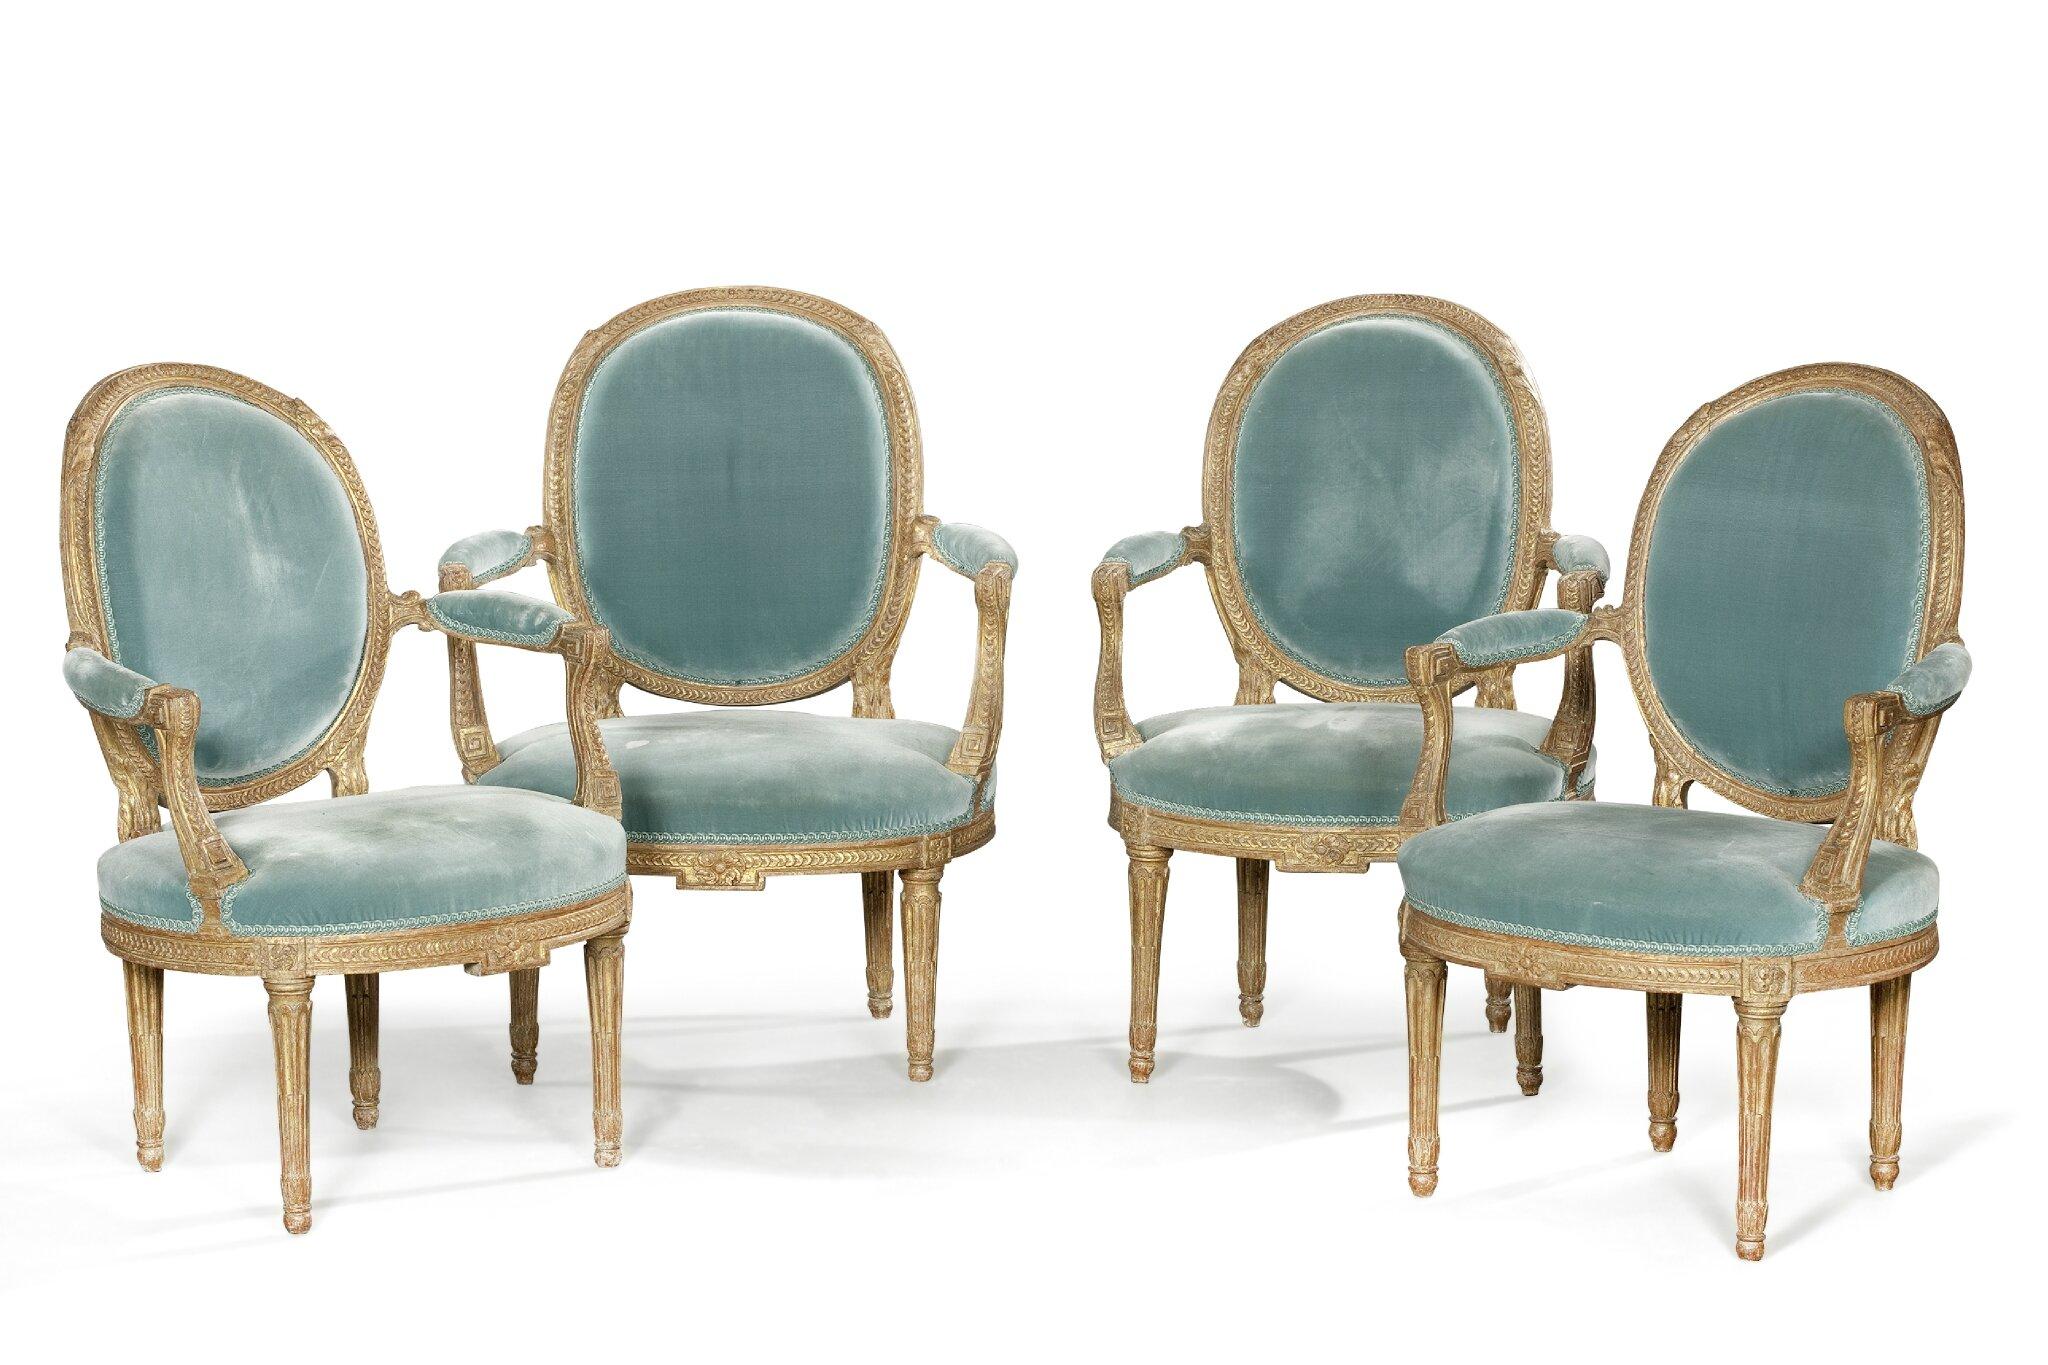 Suite de quatre importants fauteuils à dossier médaillon en cabriolet, Estampille de Nicolas Heurtaut. Epoque Louis XVI